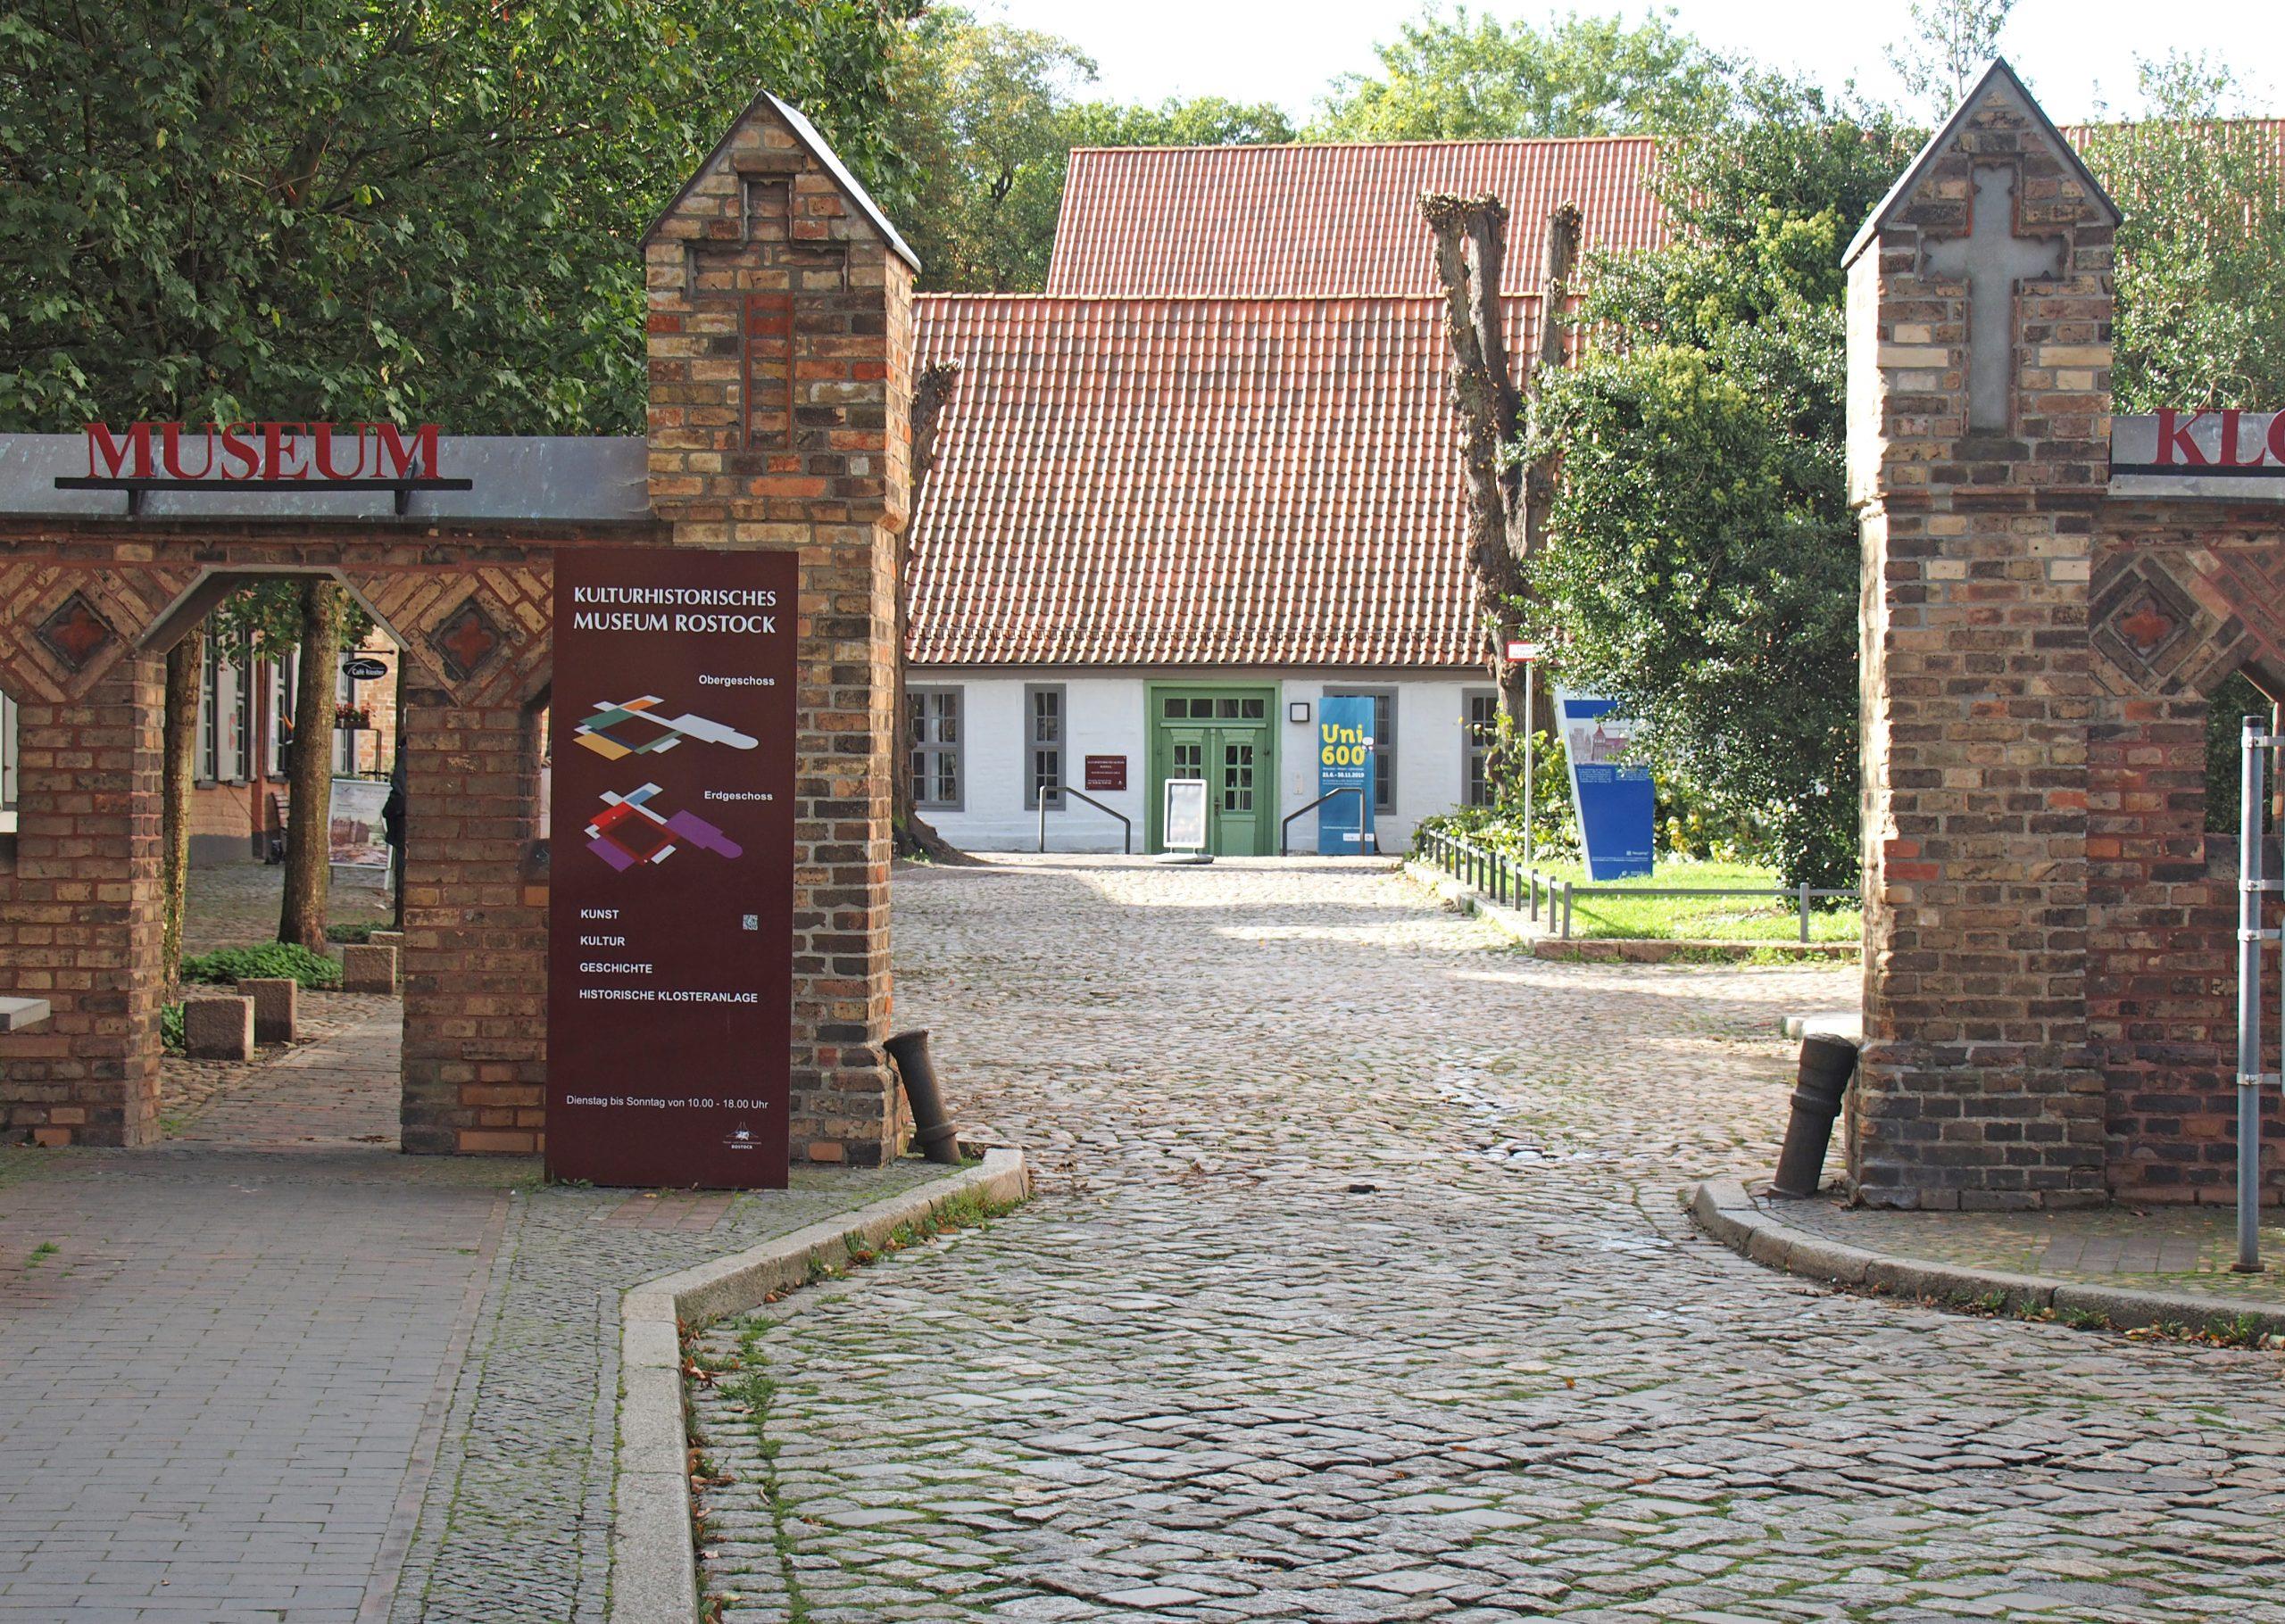 Kulturhistorische Museum